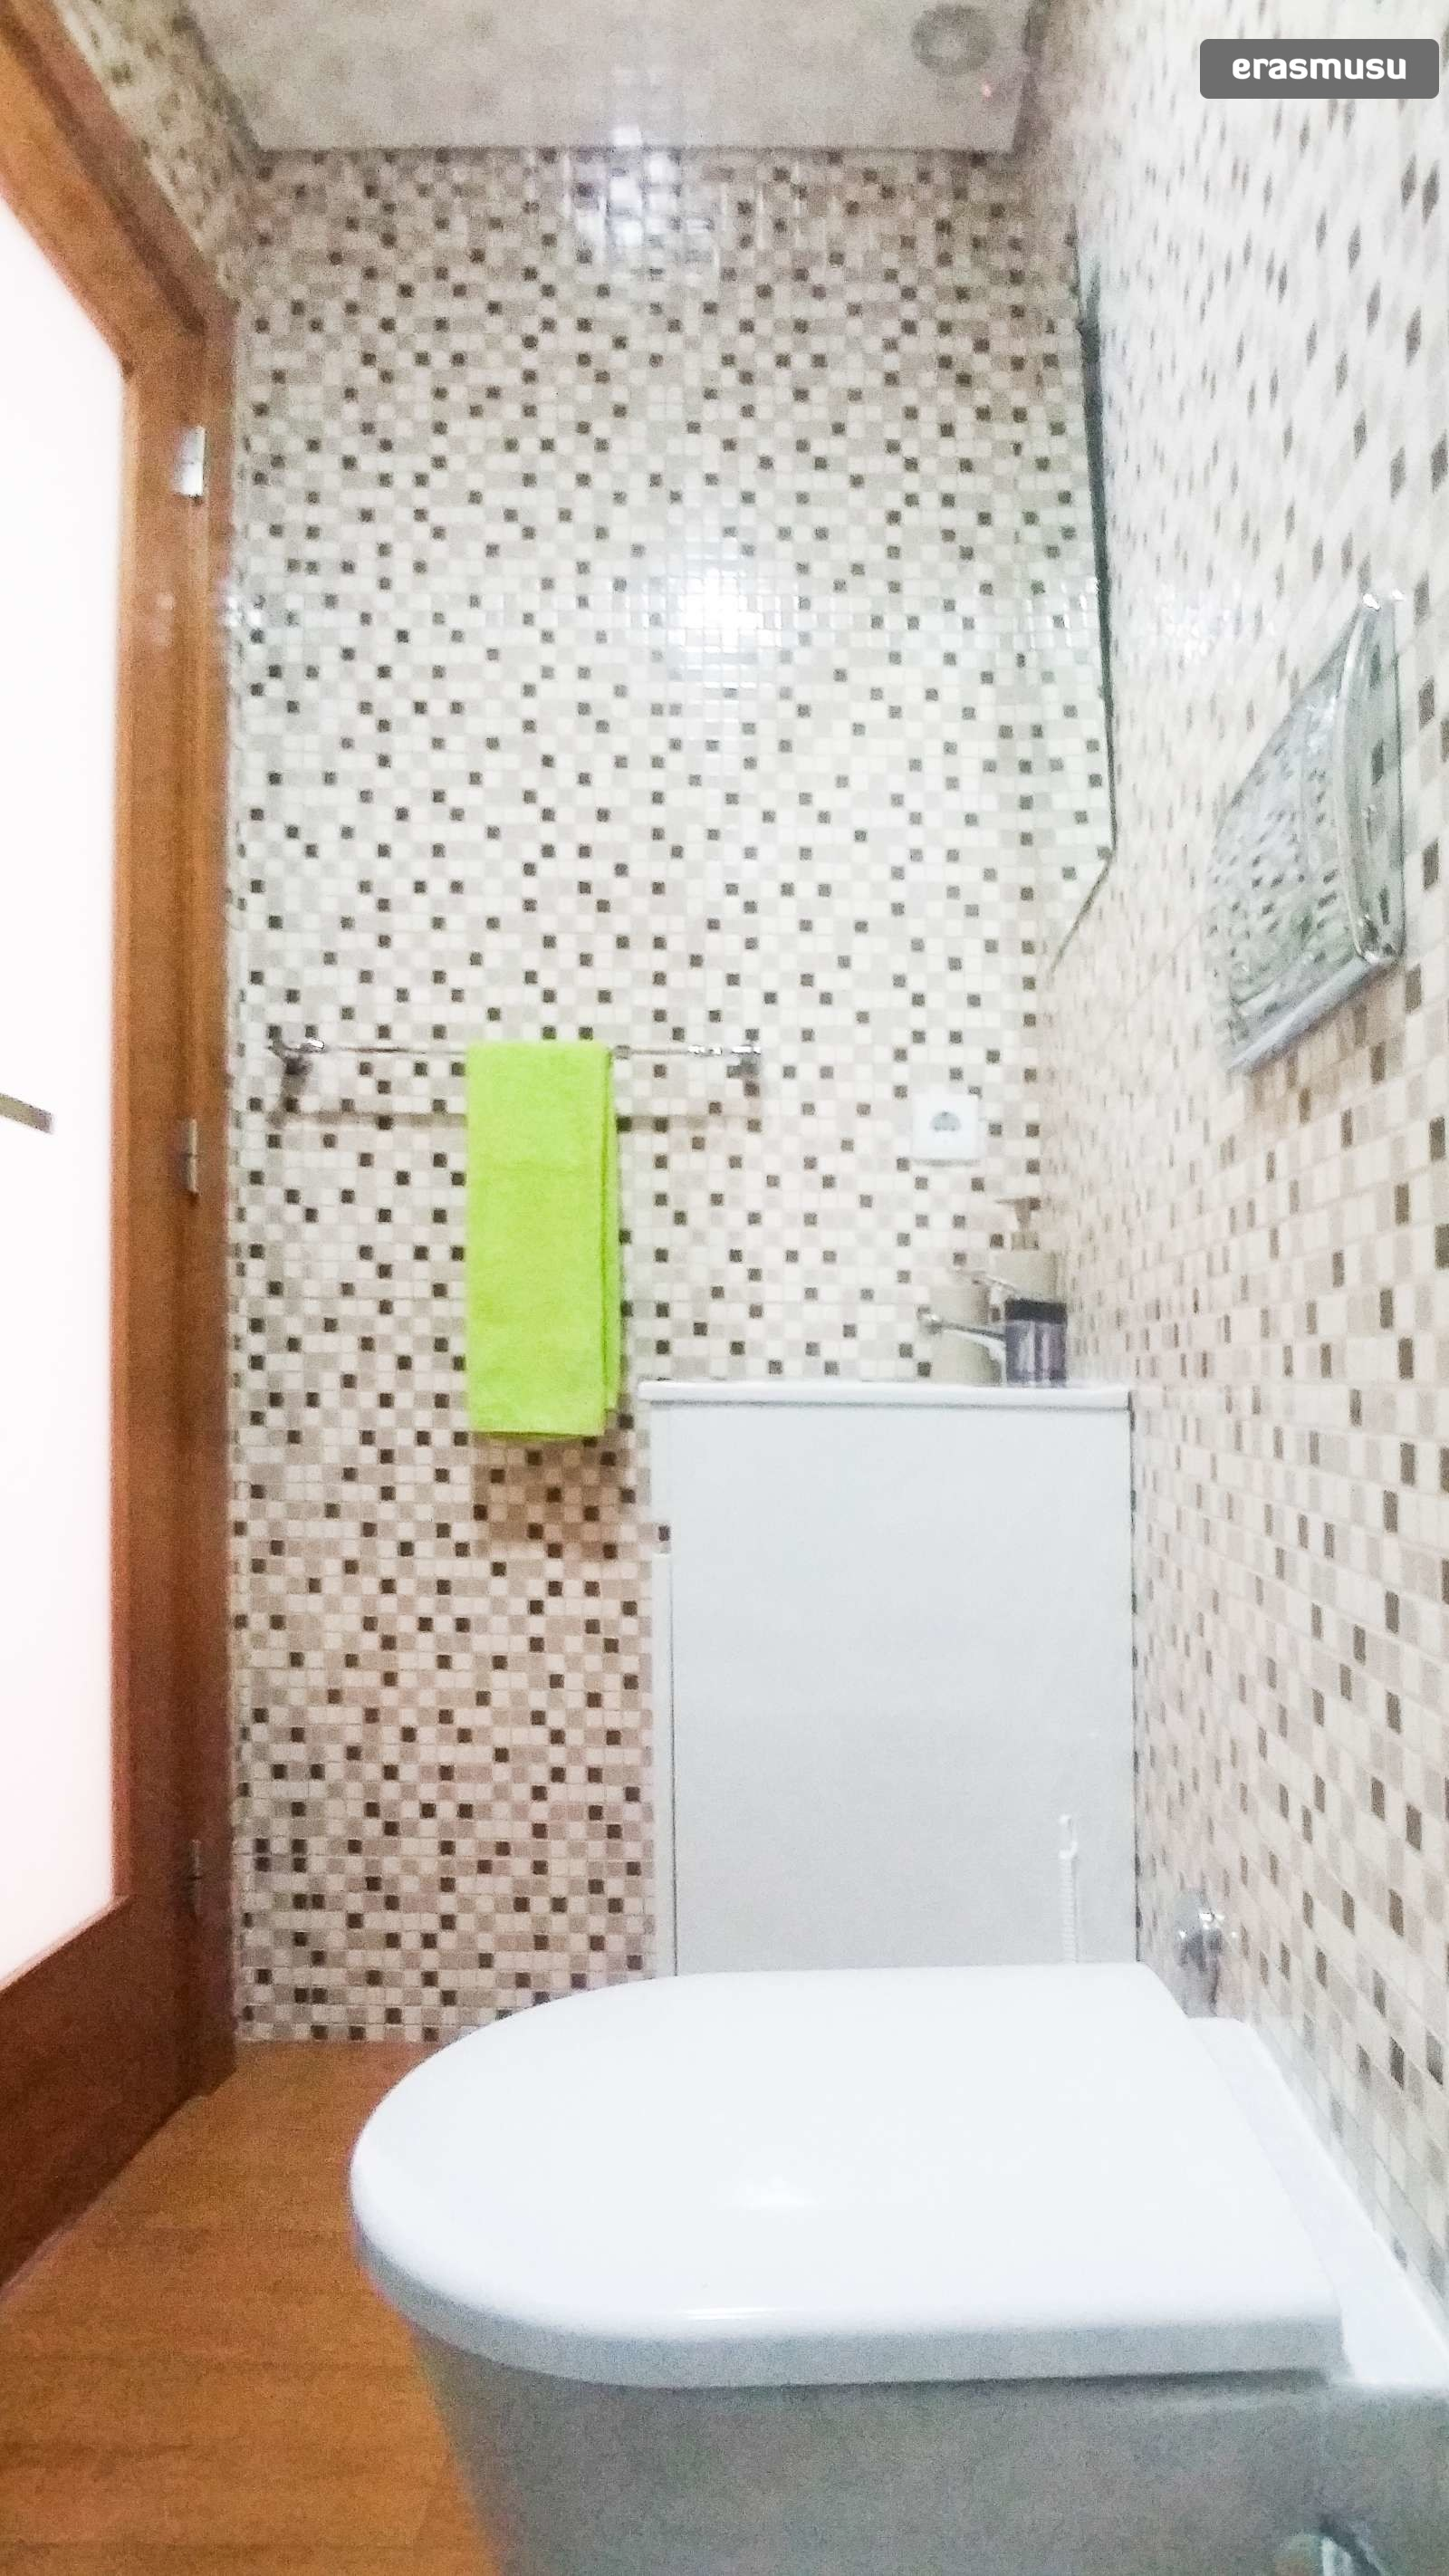 bright-studio-apartment-rent-cedofeita-5f2d5ccb087500413ea98cd9c